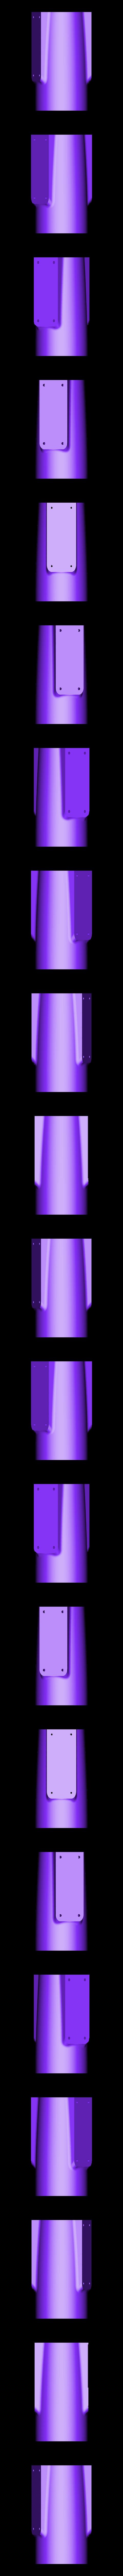 fuselage_2.stl Télécharger fichier STL gratuit Crazy Wild Ellipse Wing (expérimental) • Modèle imprimable en 3D, wersy